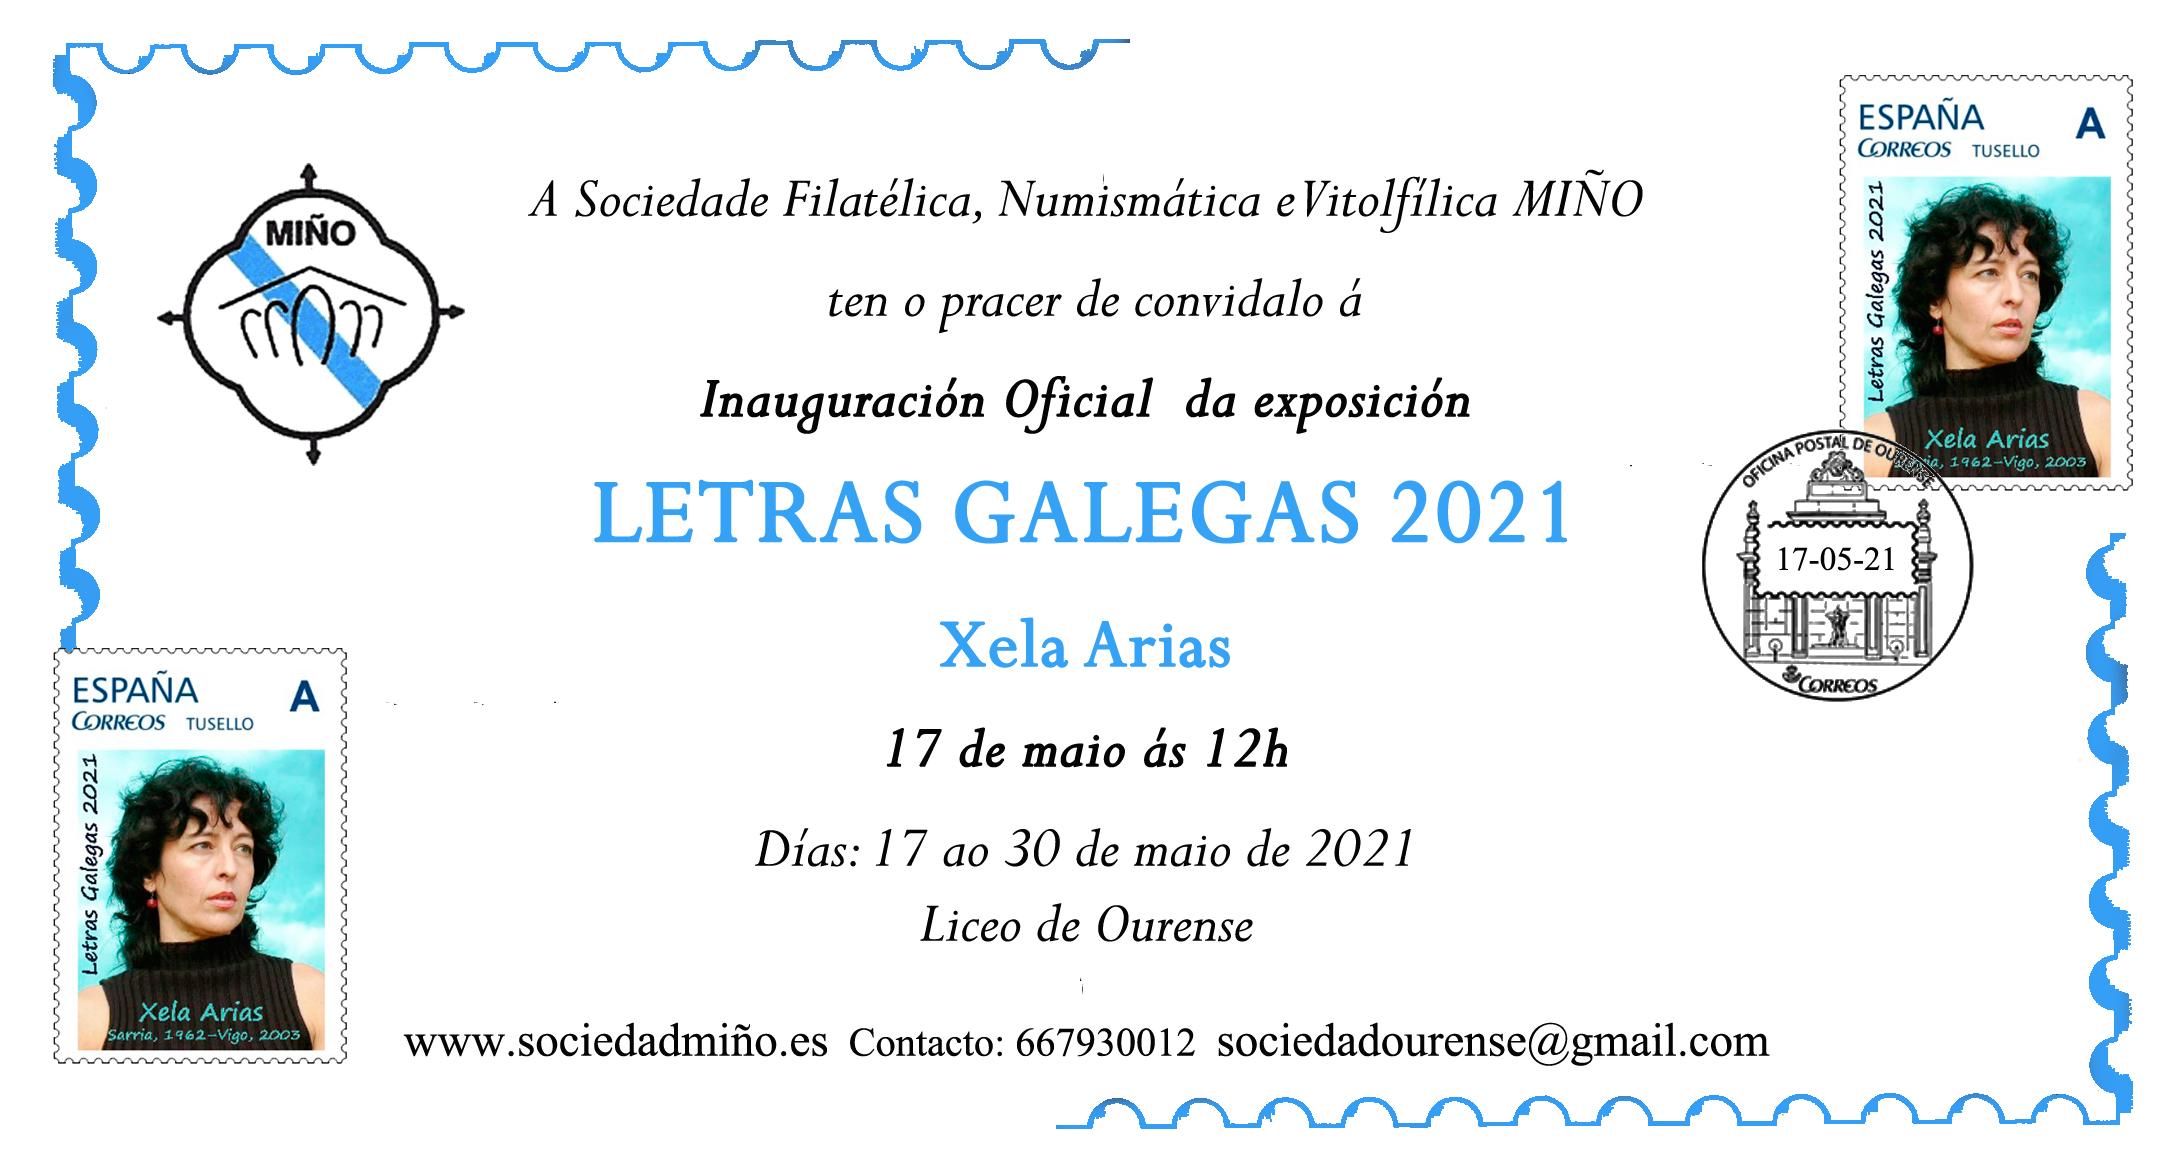 Invitación Exposicion Letras Galegas 2021